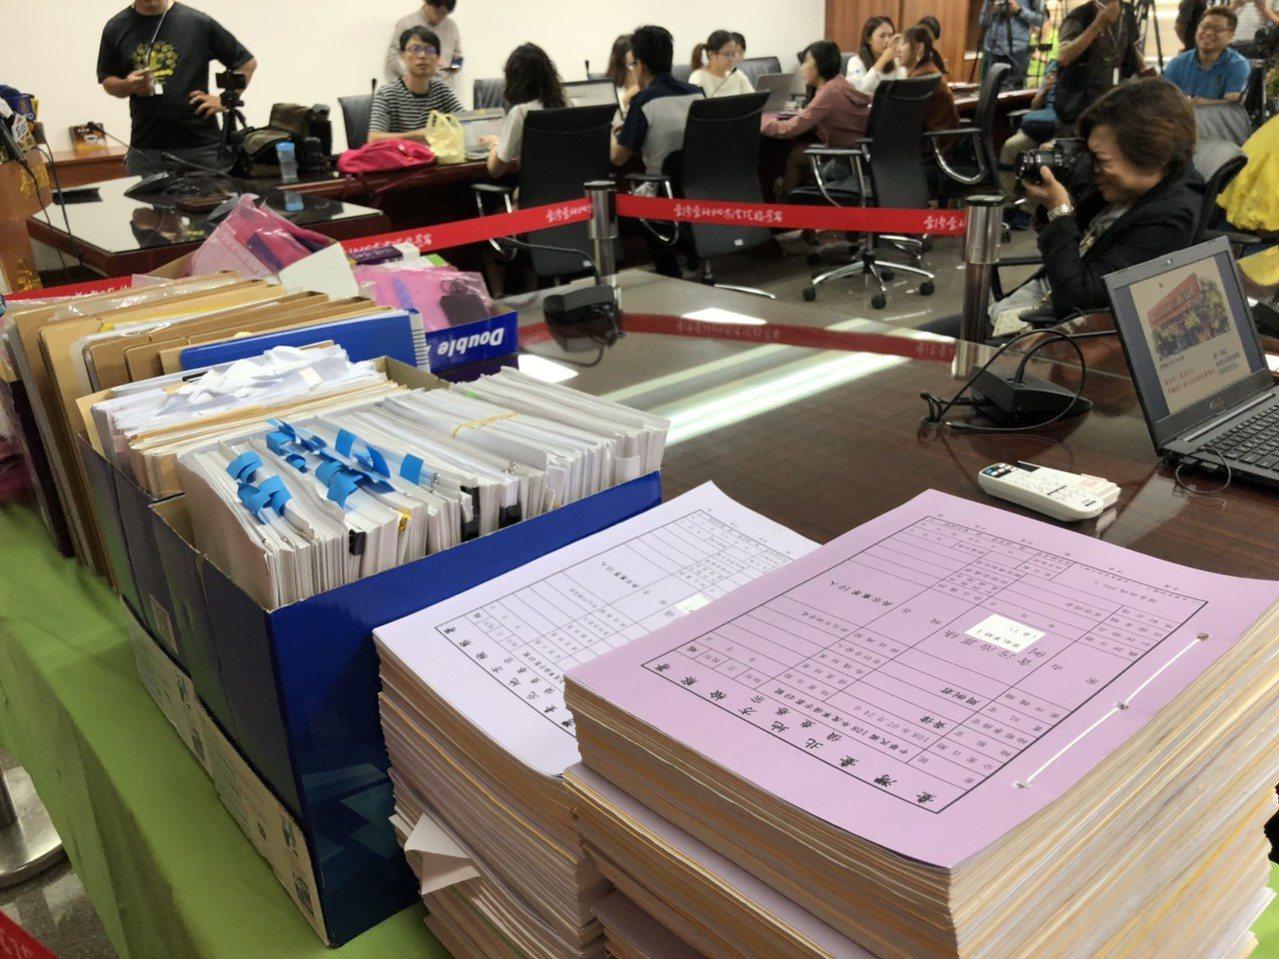 台北地檢署偵辦國安特勤私菸案,上午第一階段偵查終結,北檢舉行記者會公布起訴名單。...